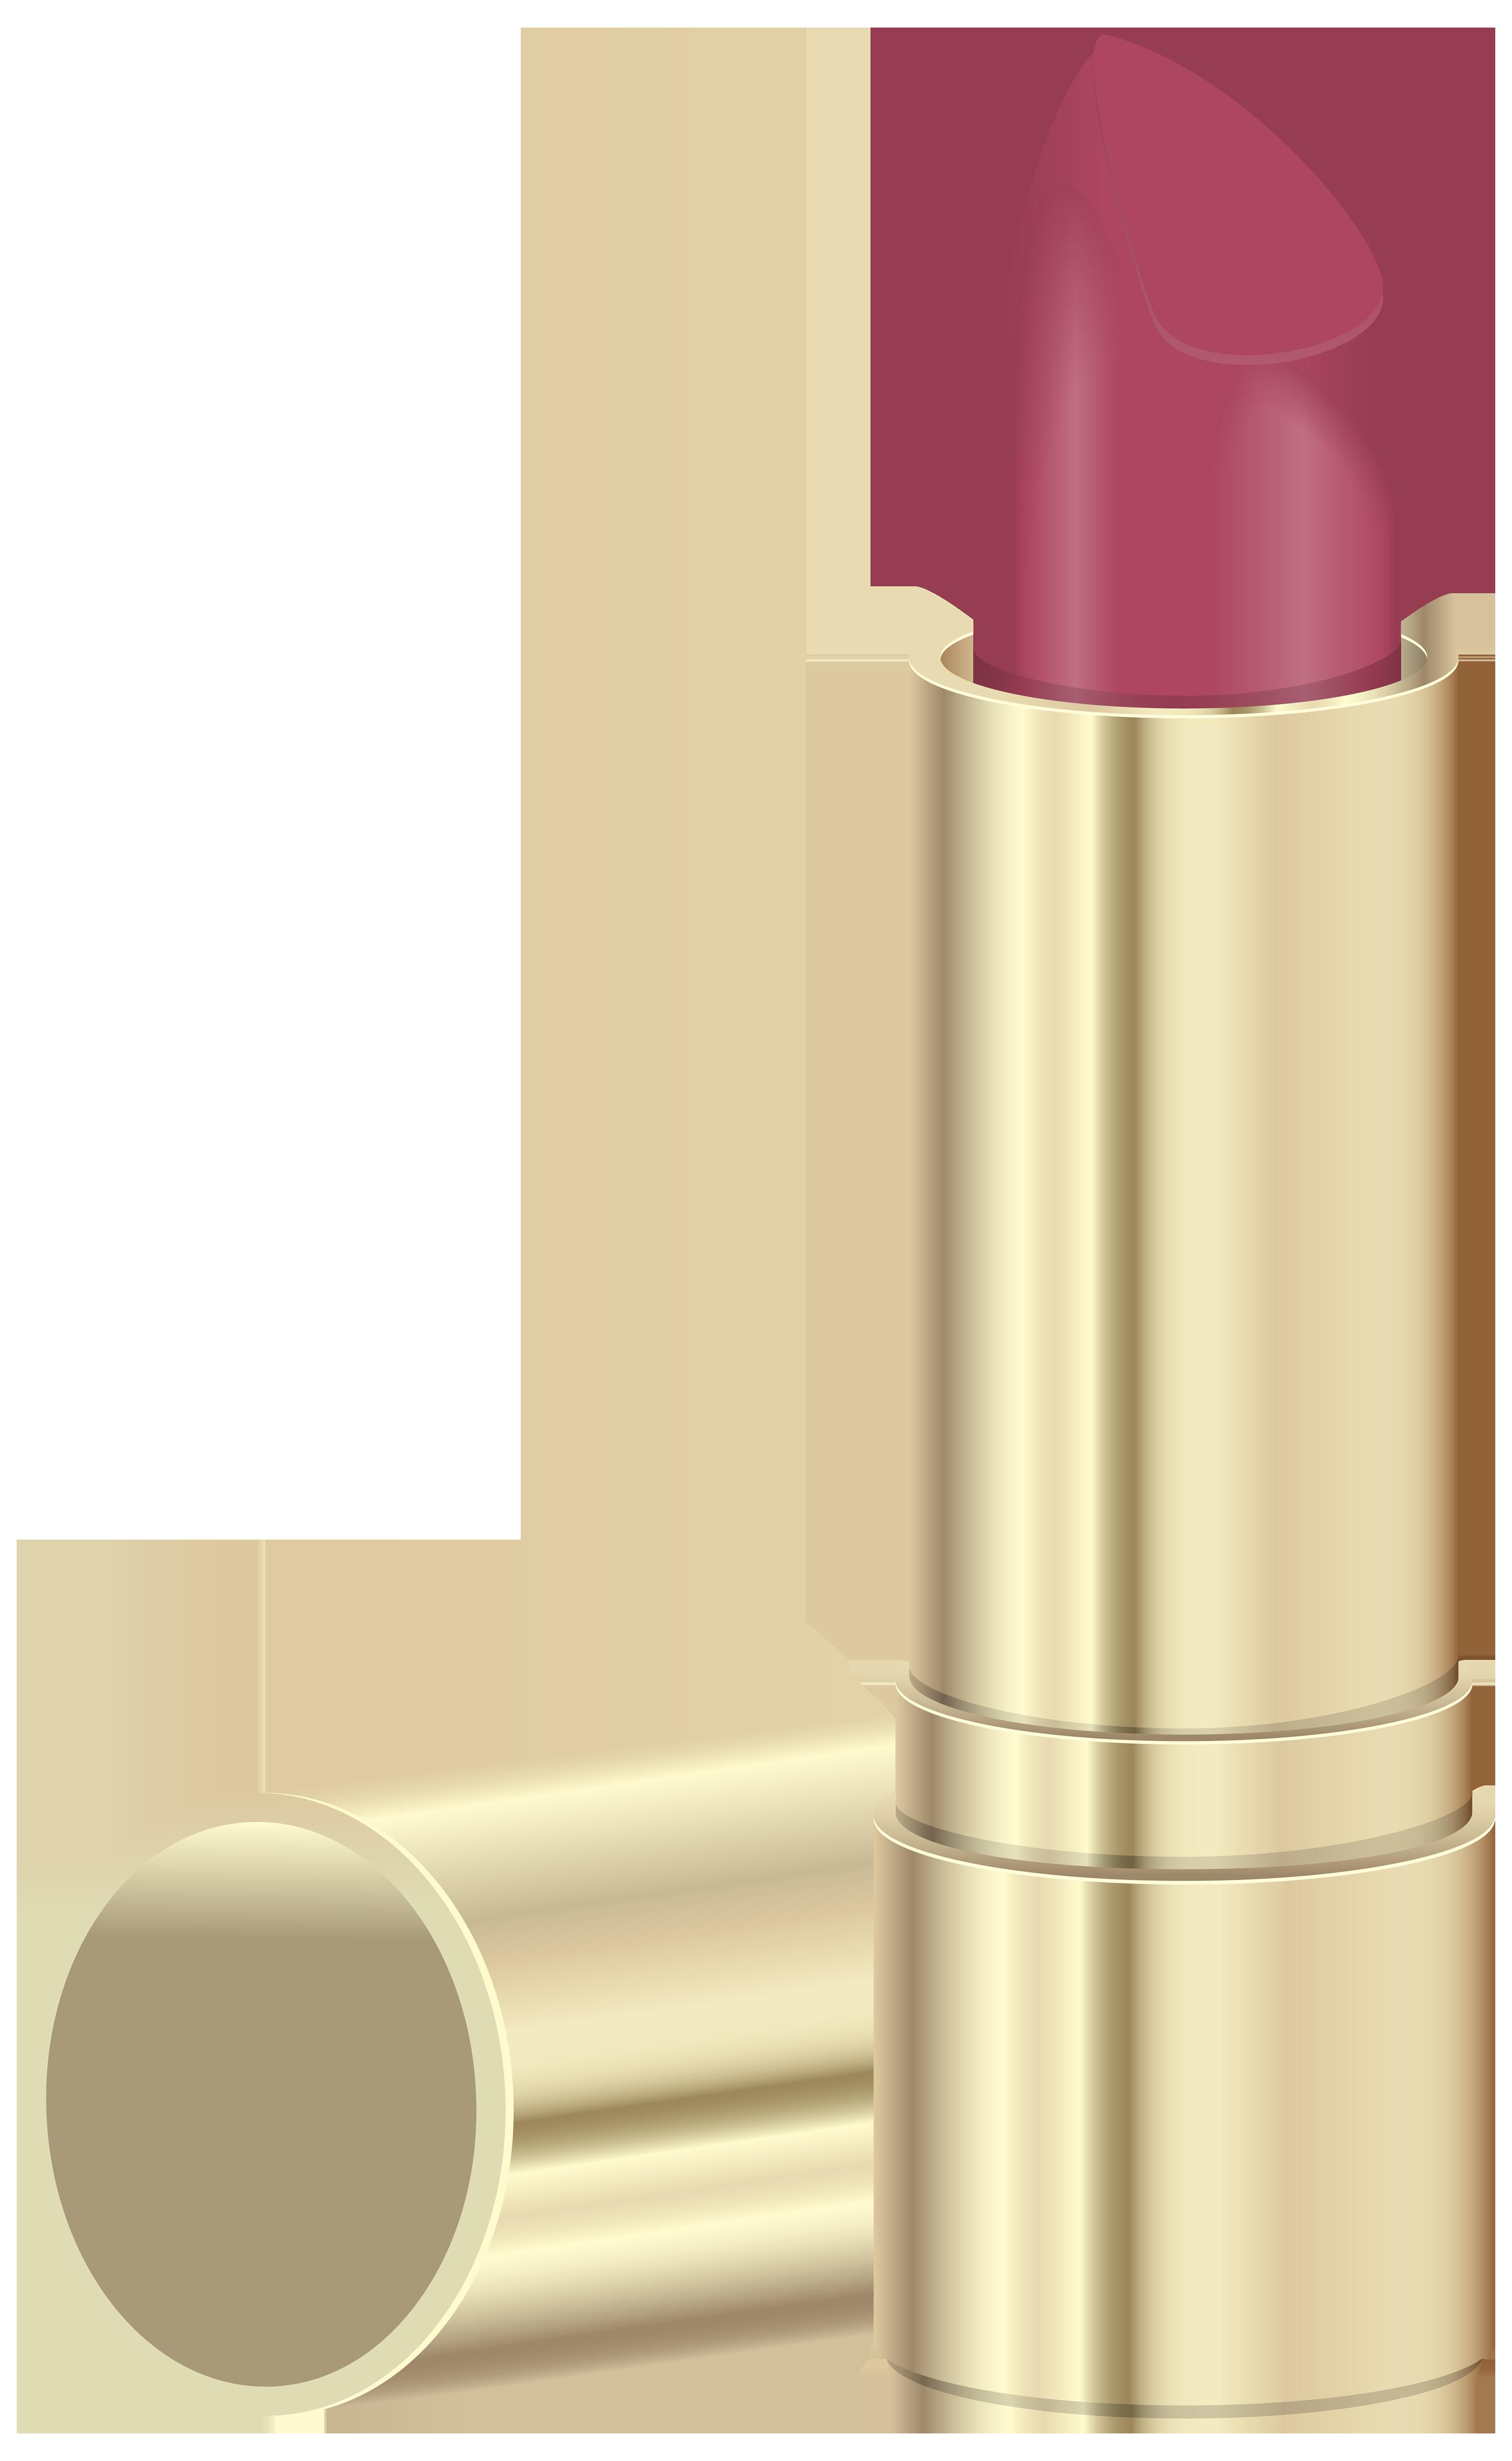 Lipstick clipart Download image clipart ClipartBarn Lipstick